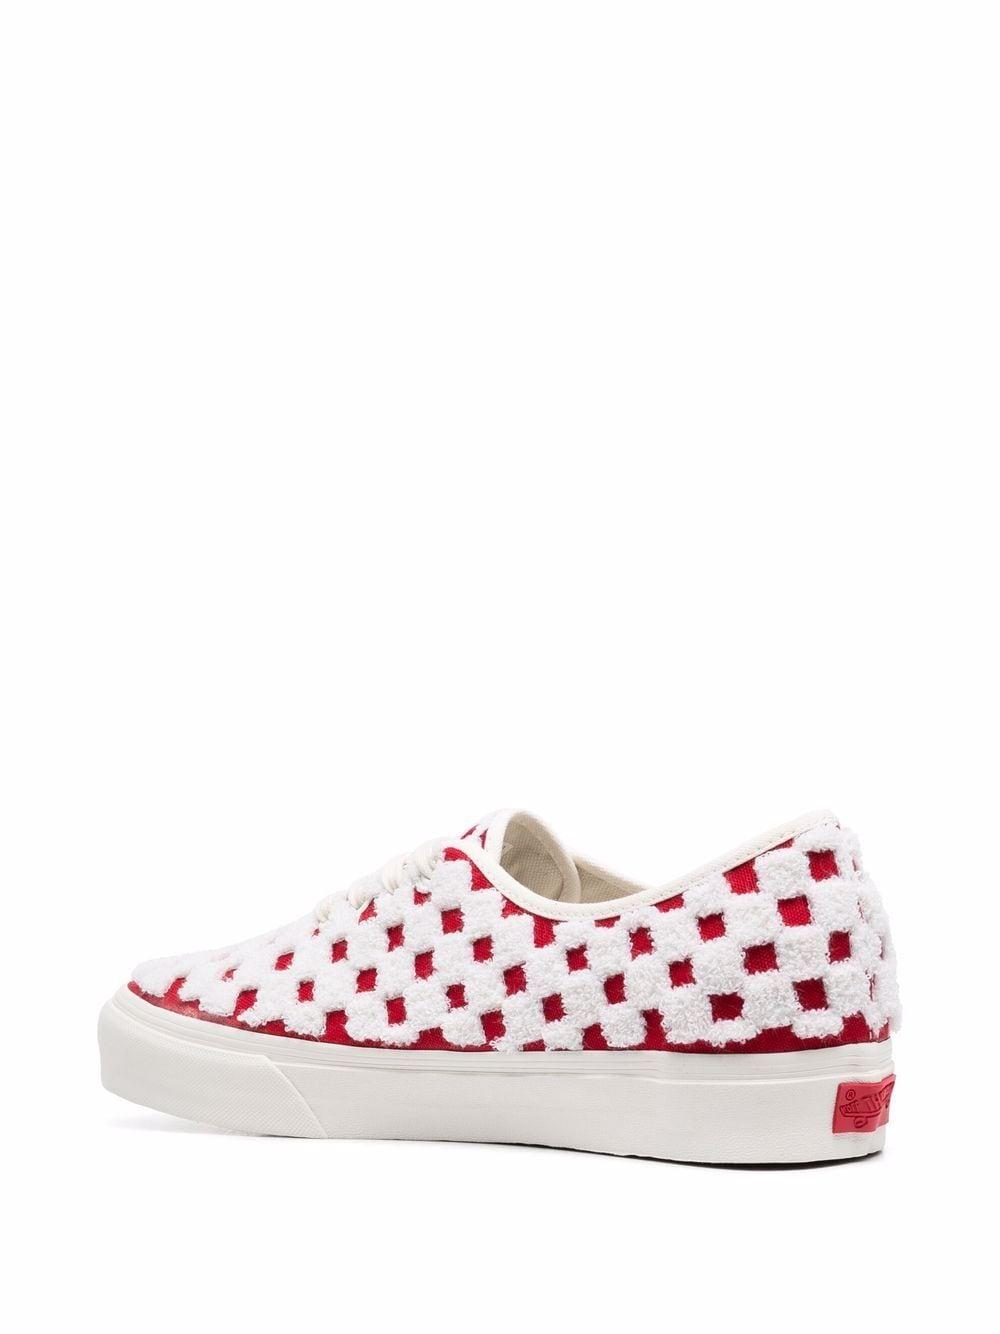 Vans vault one piece vl sneakers man VANS VAULT | Sneakers | VN0A5HTG42A1